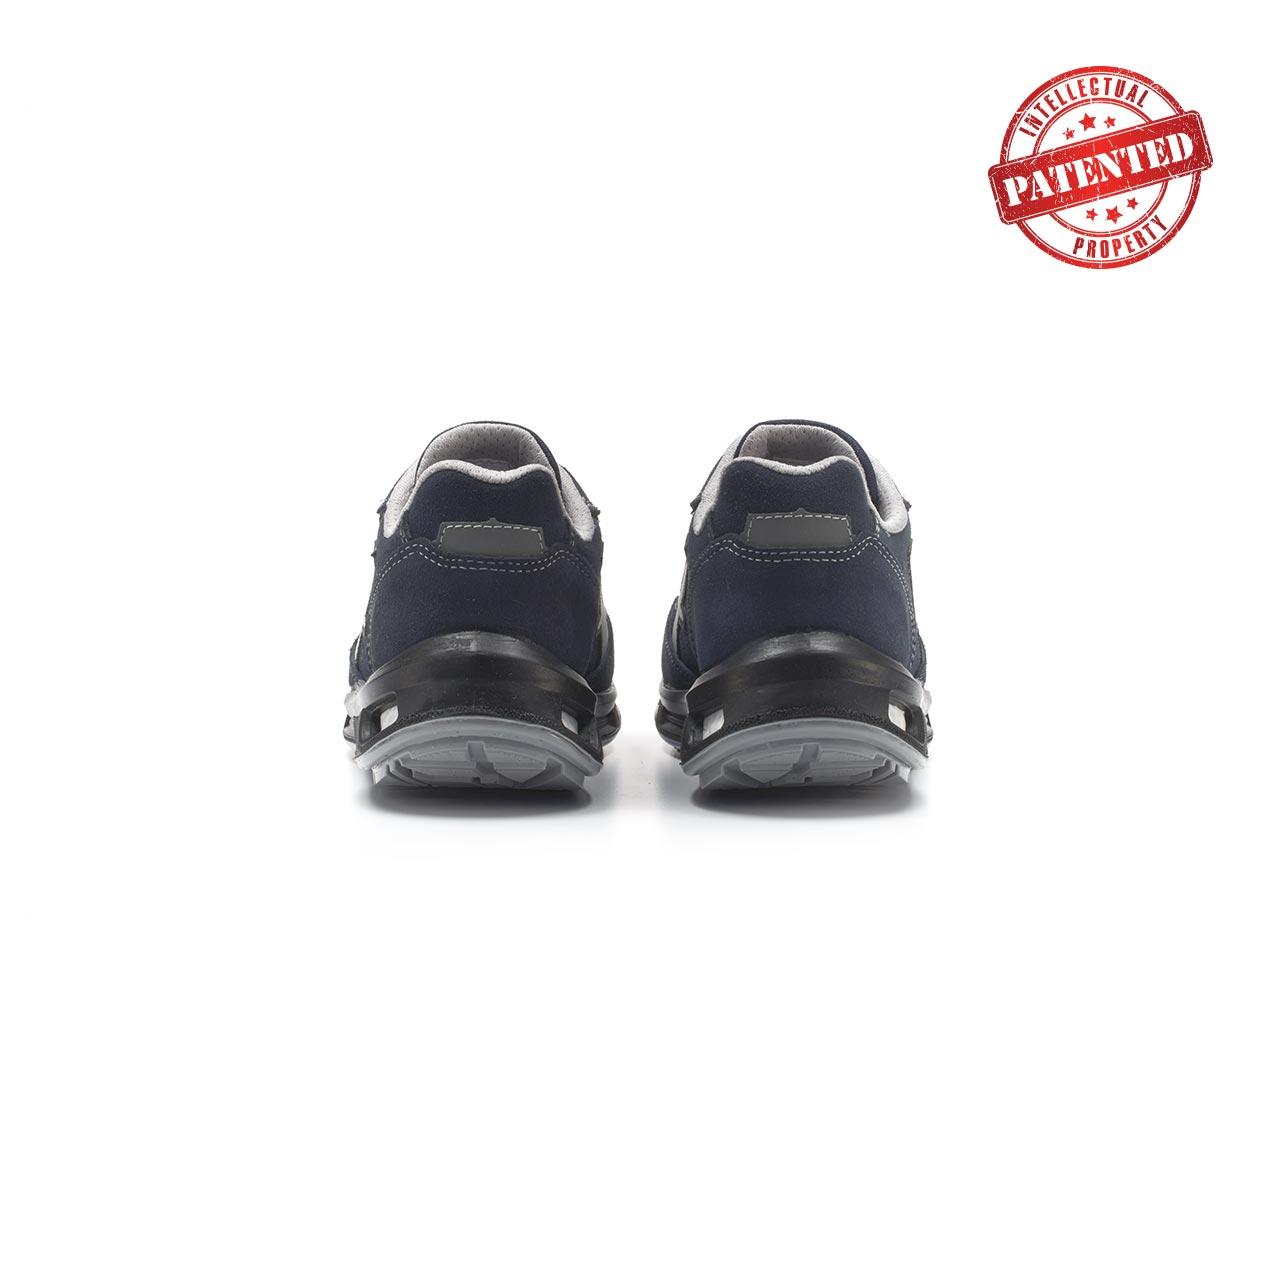 paio di scarpe antinfortunistiche upower modello emotion linea redlion vista retro